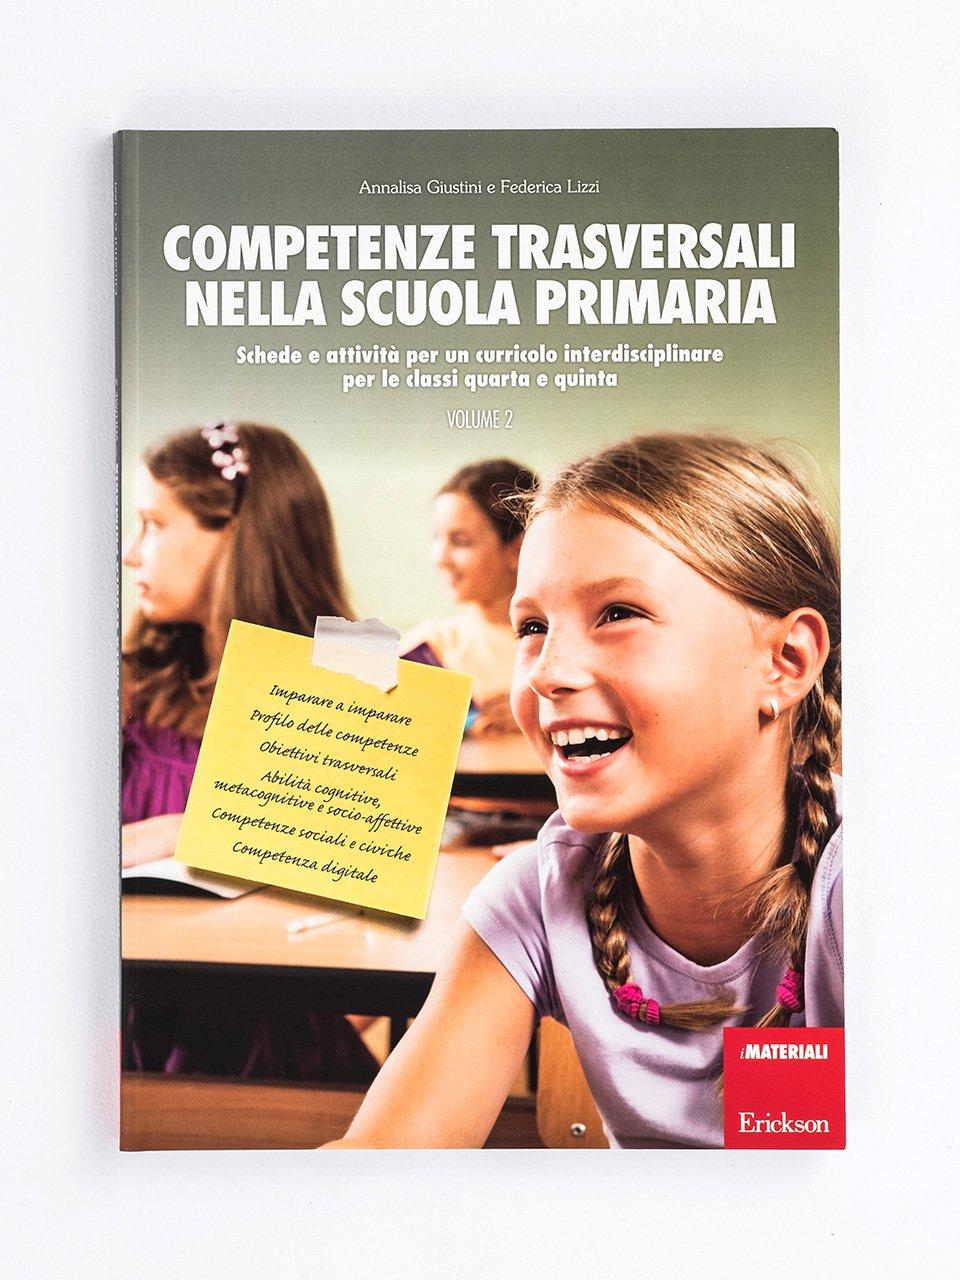 Competenze trasversali nella scuola primaria - Volume 2 - La competenza digitale nella scuola - Libri - Erickson